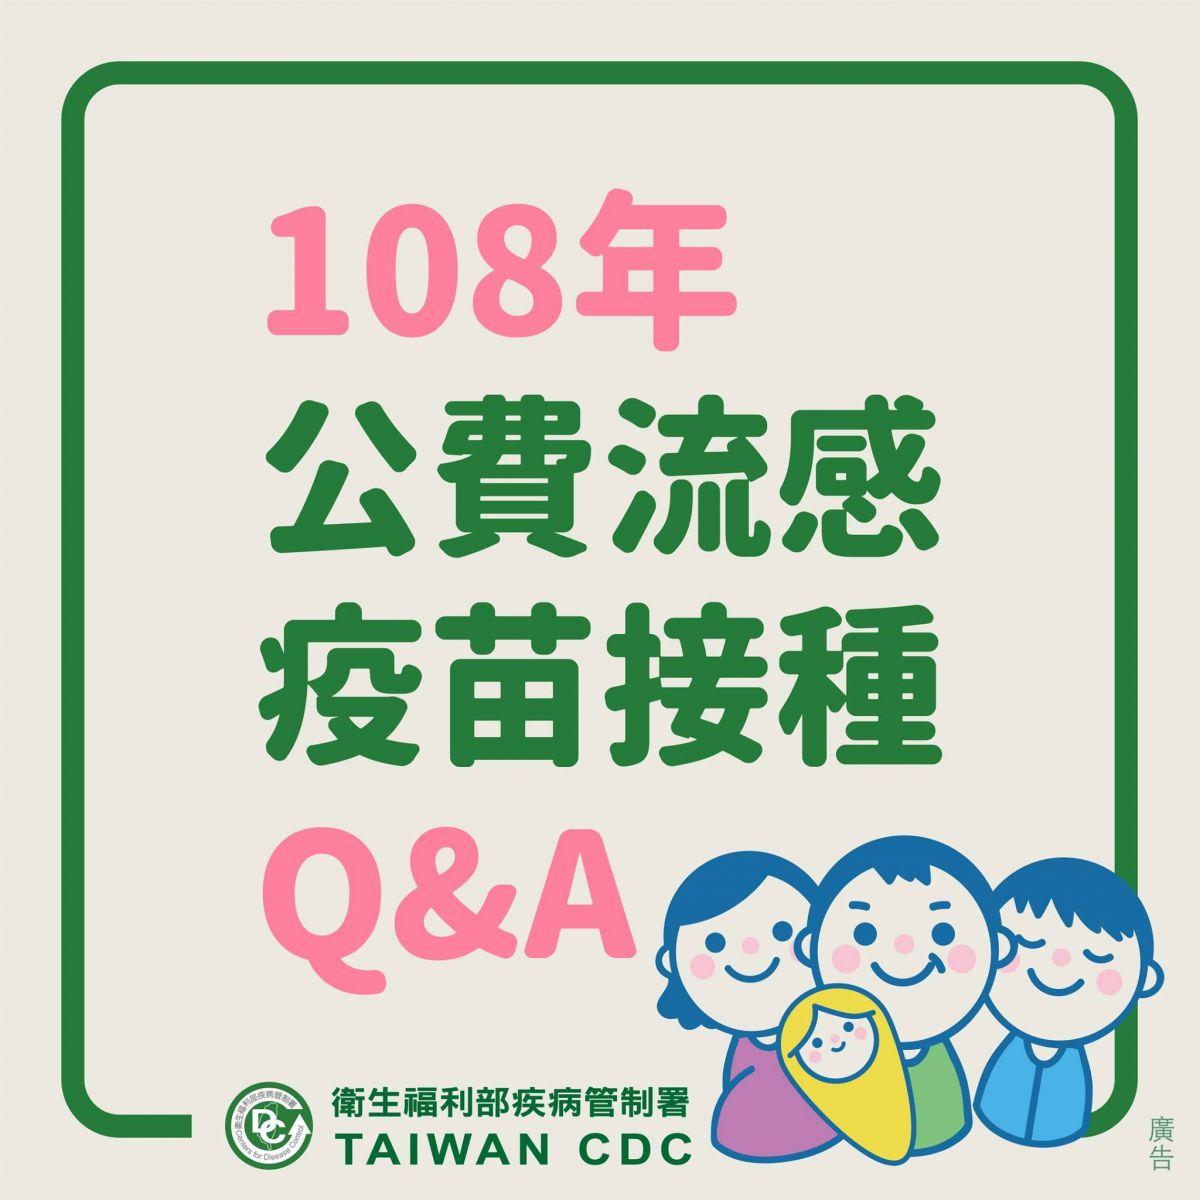 【快訊】108年公費流感疫苗QA(轉自疾管署)-最新消息-育禾婦幼診所